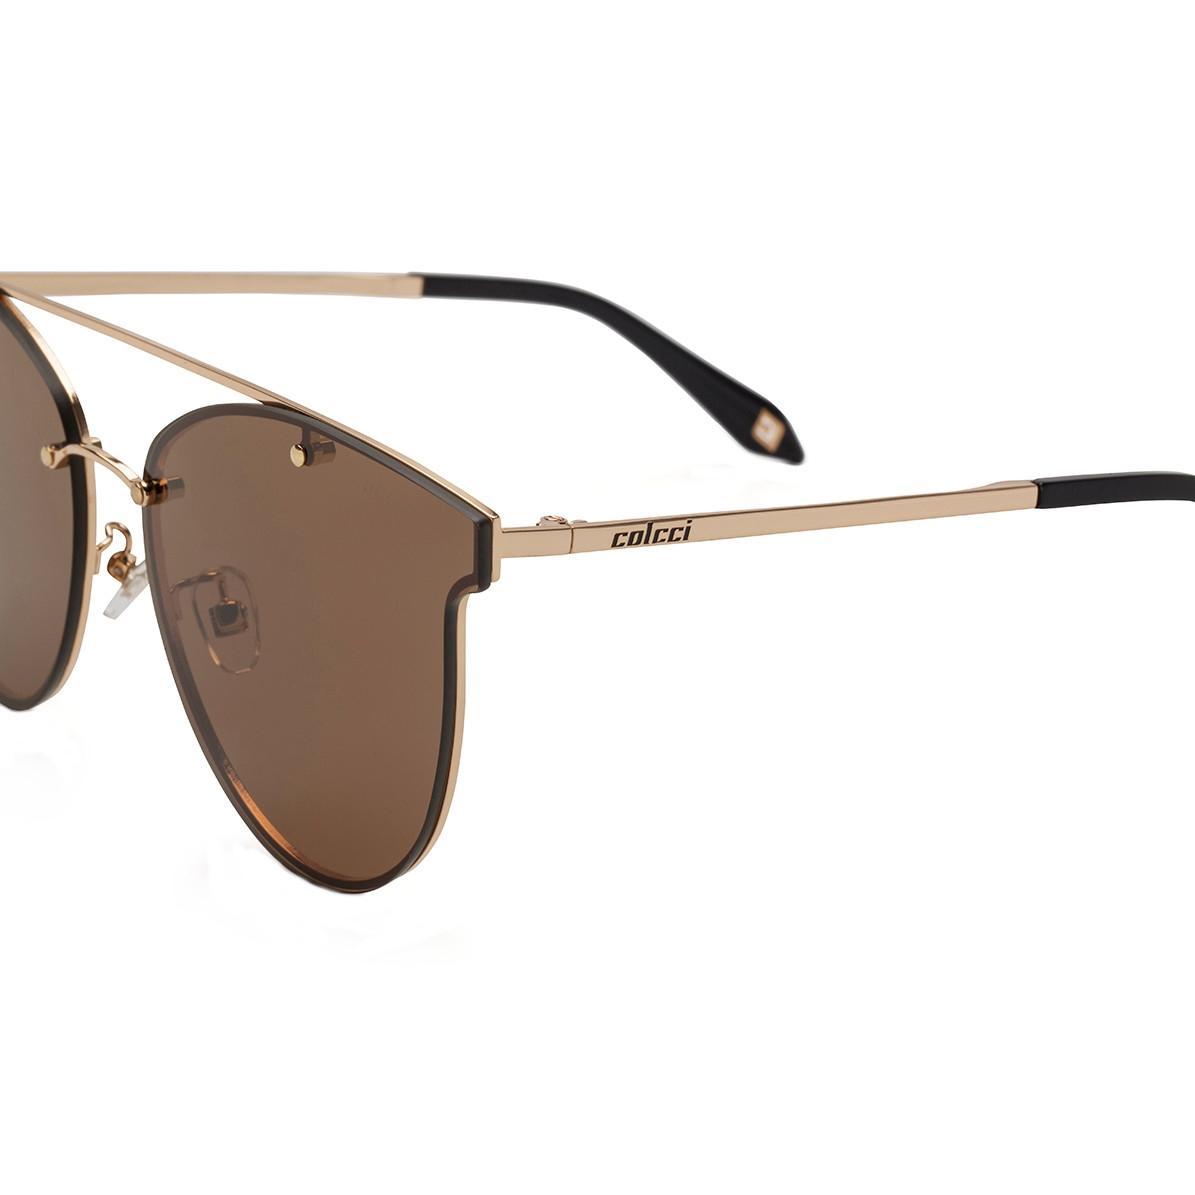 35a3ee3b2e2 Óculos de Sol Colcci Feminino C0103 A34 02 - Metal Dourado e Lente Marrom  R  470